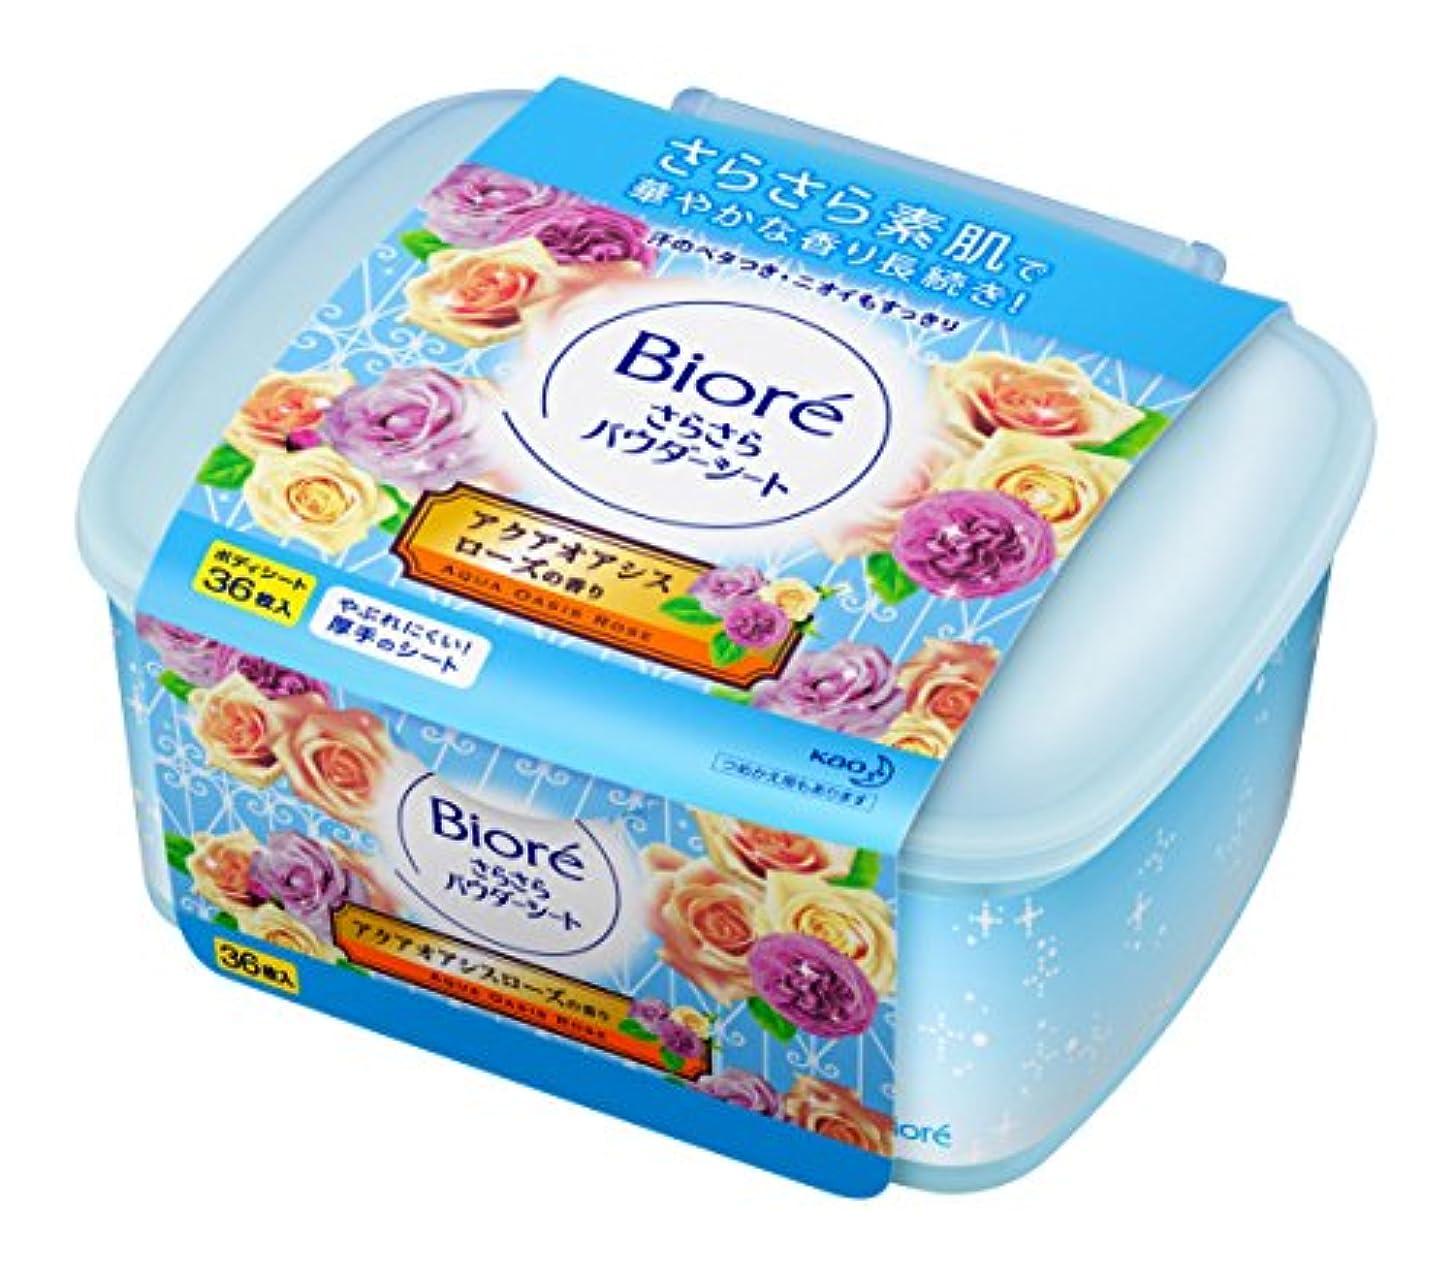 安心普遍的な気候ビオレ さらさらパウダーシート アクアオアシスローズの香り  本体 36枚